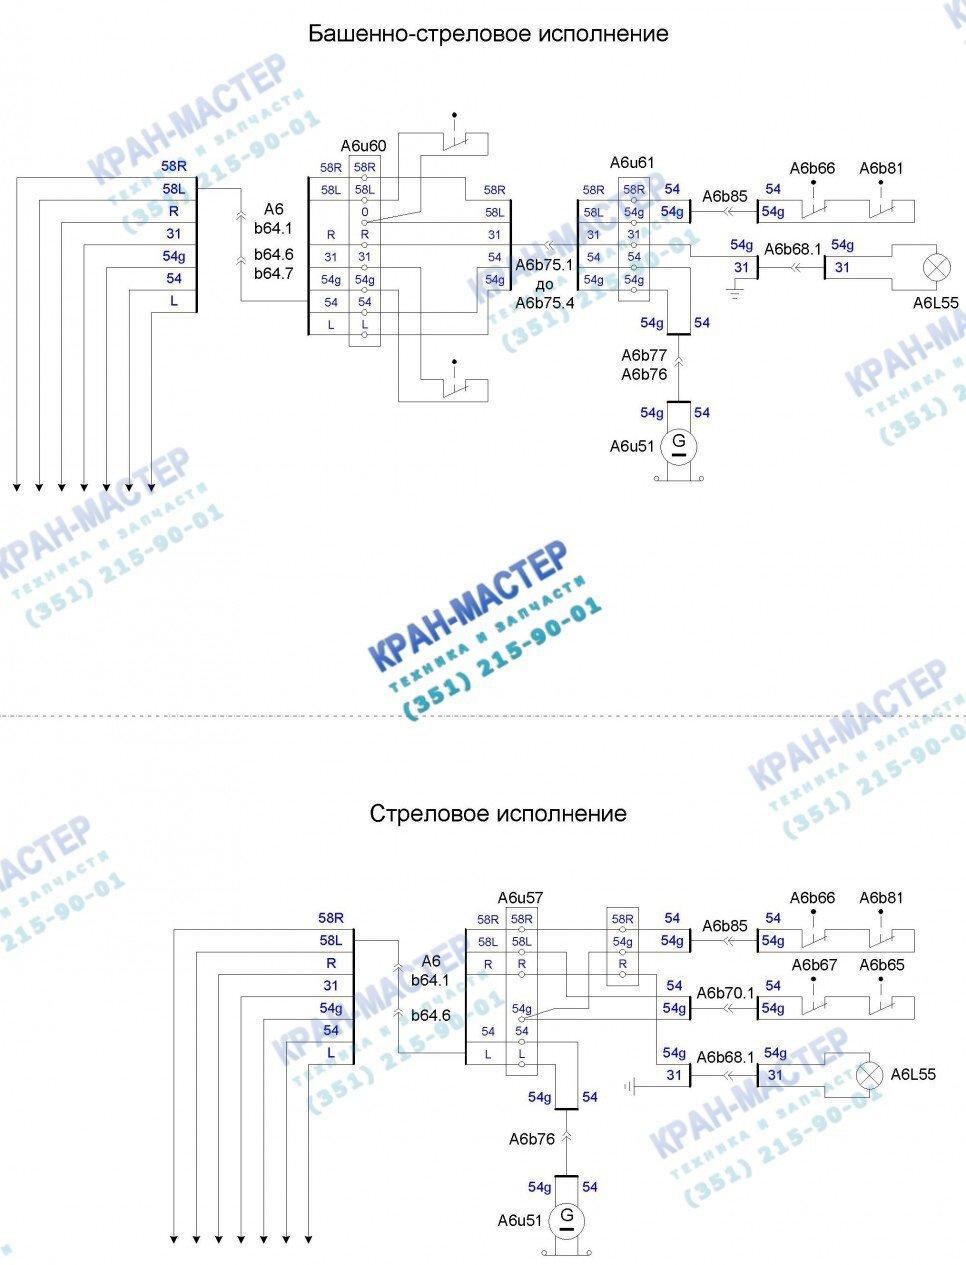 чертеж кран мостовой схема электрическая принципиальная